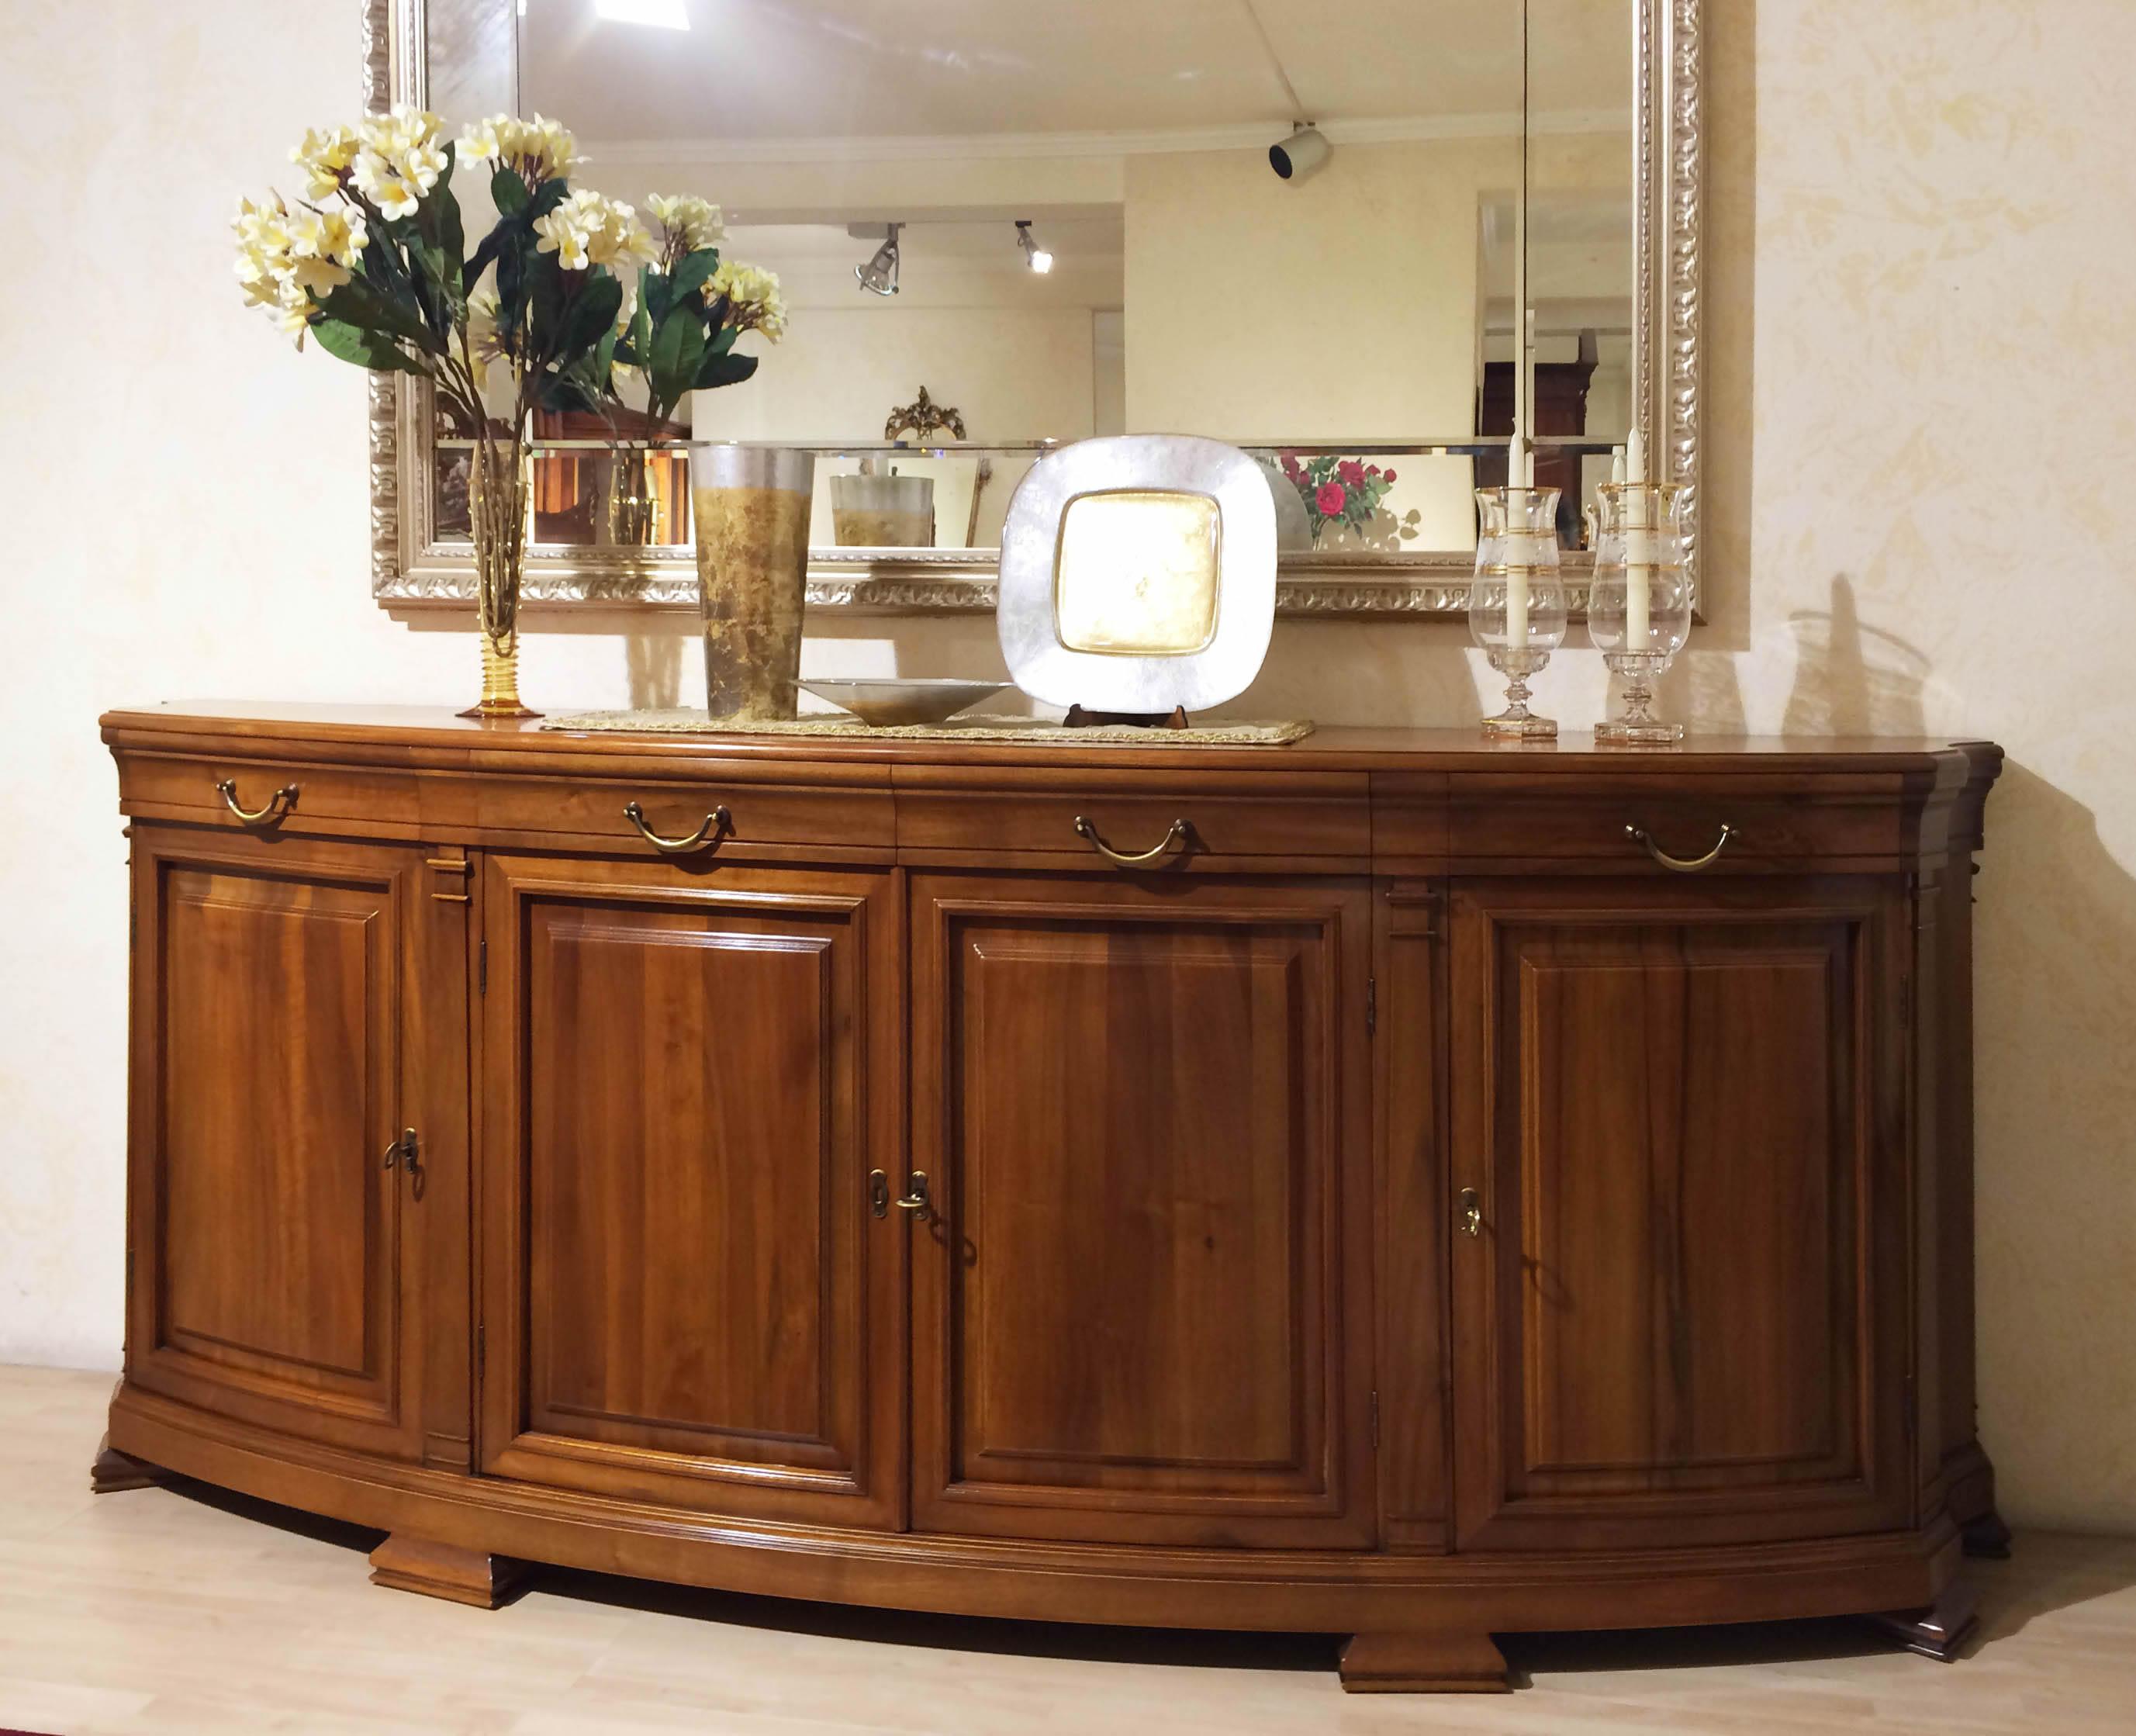 vetrina, Stile 800, in, legno massello, noce, chiaro, Newformsdesign ...